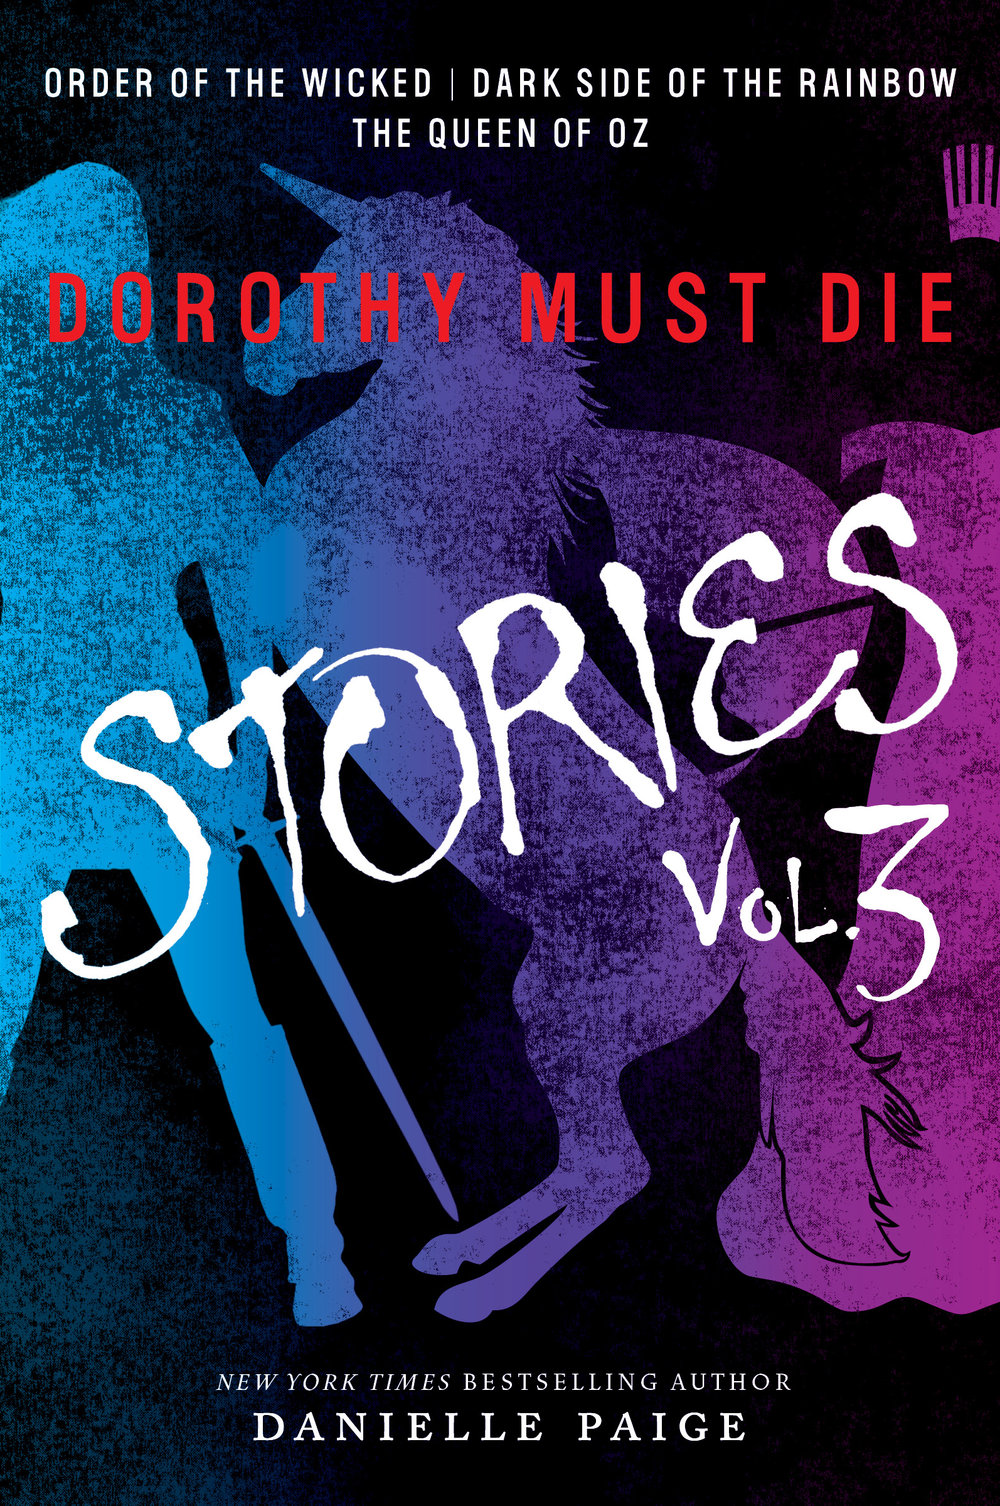 DorothyMustDieStoriesVol3_PB.jpg